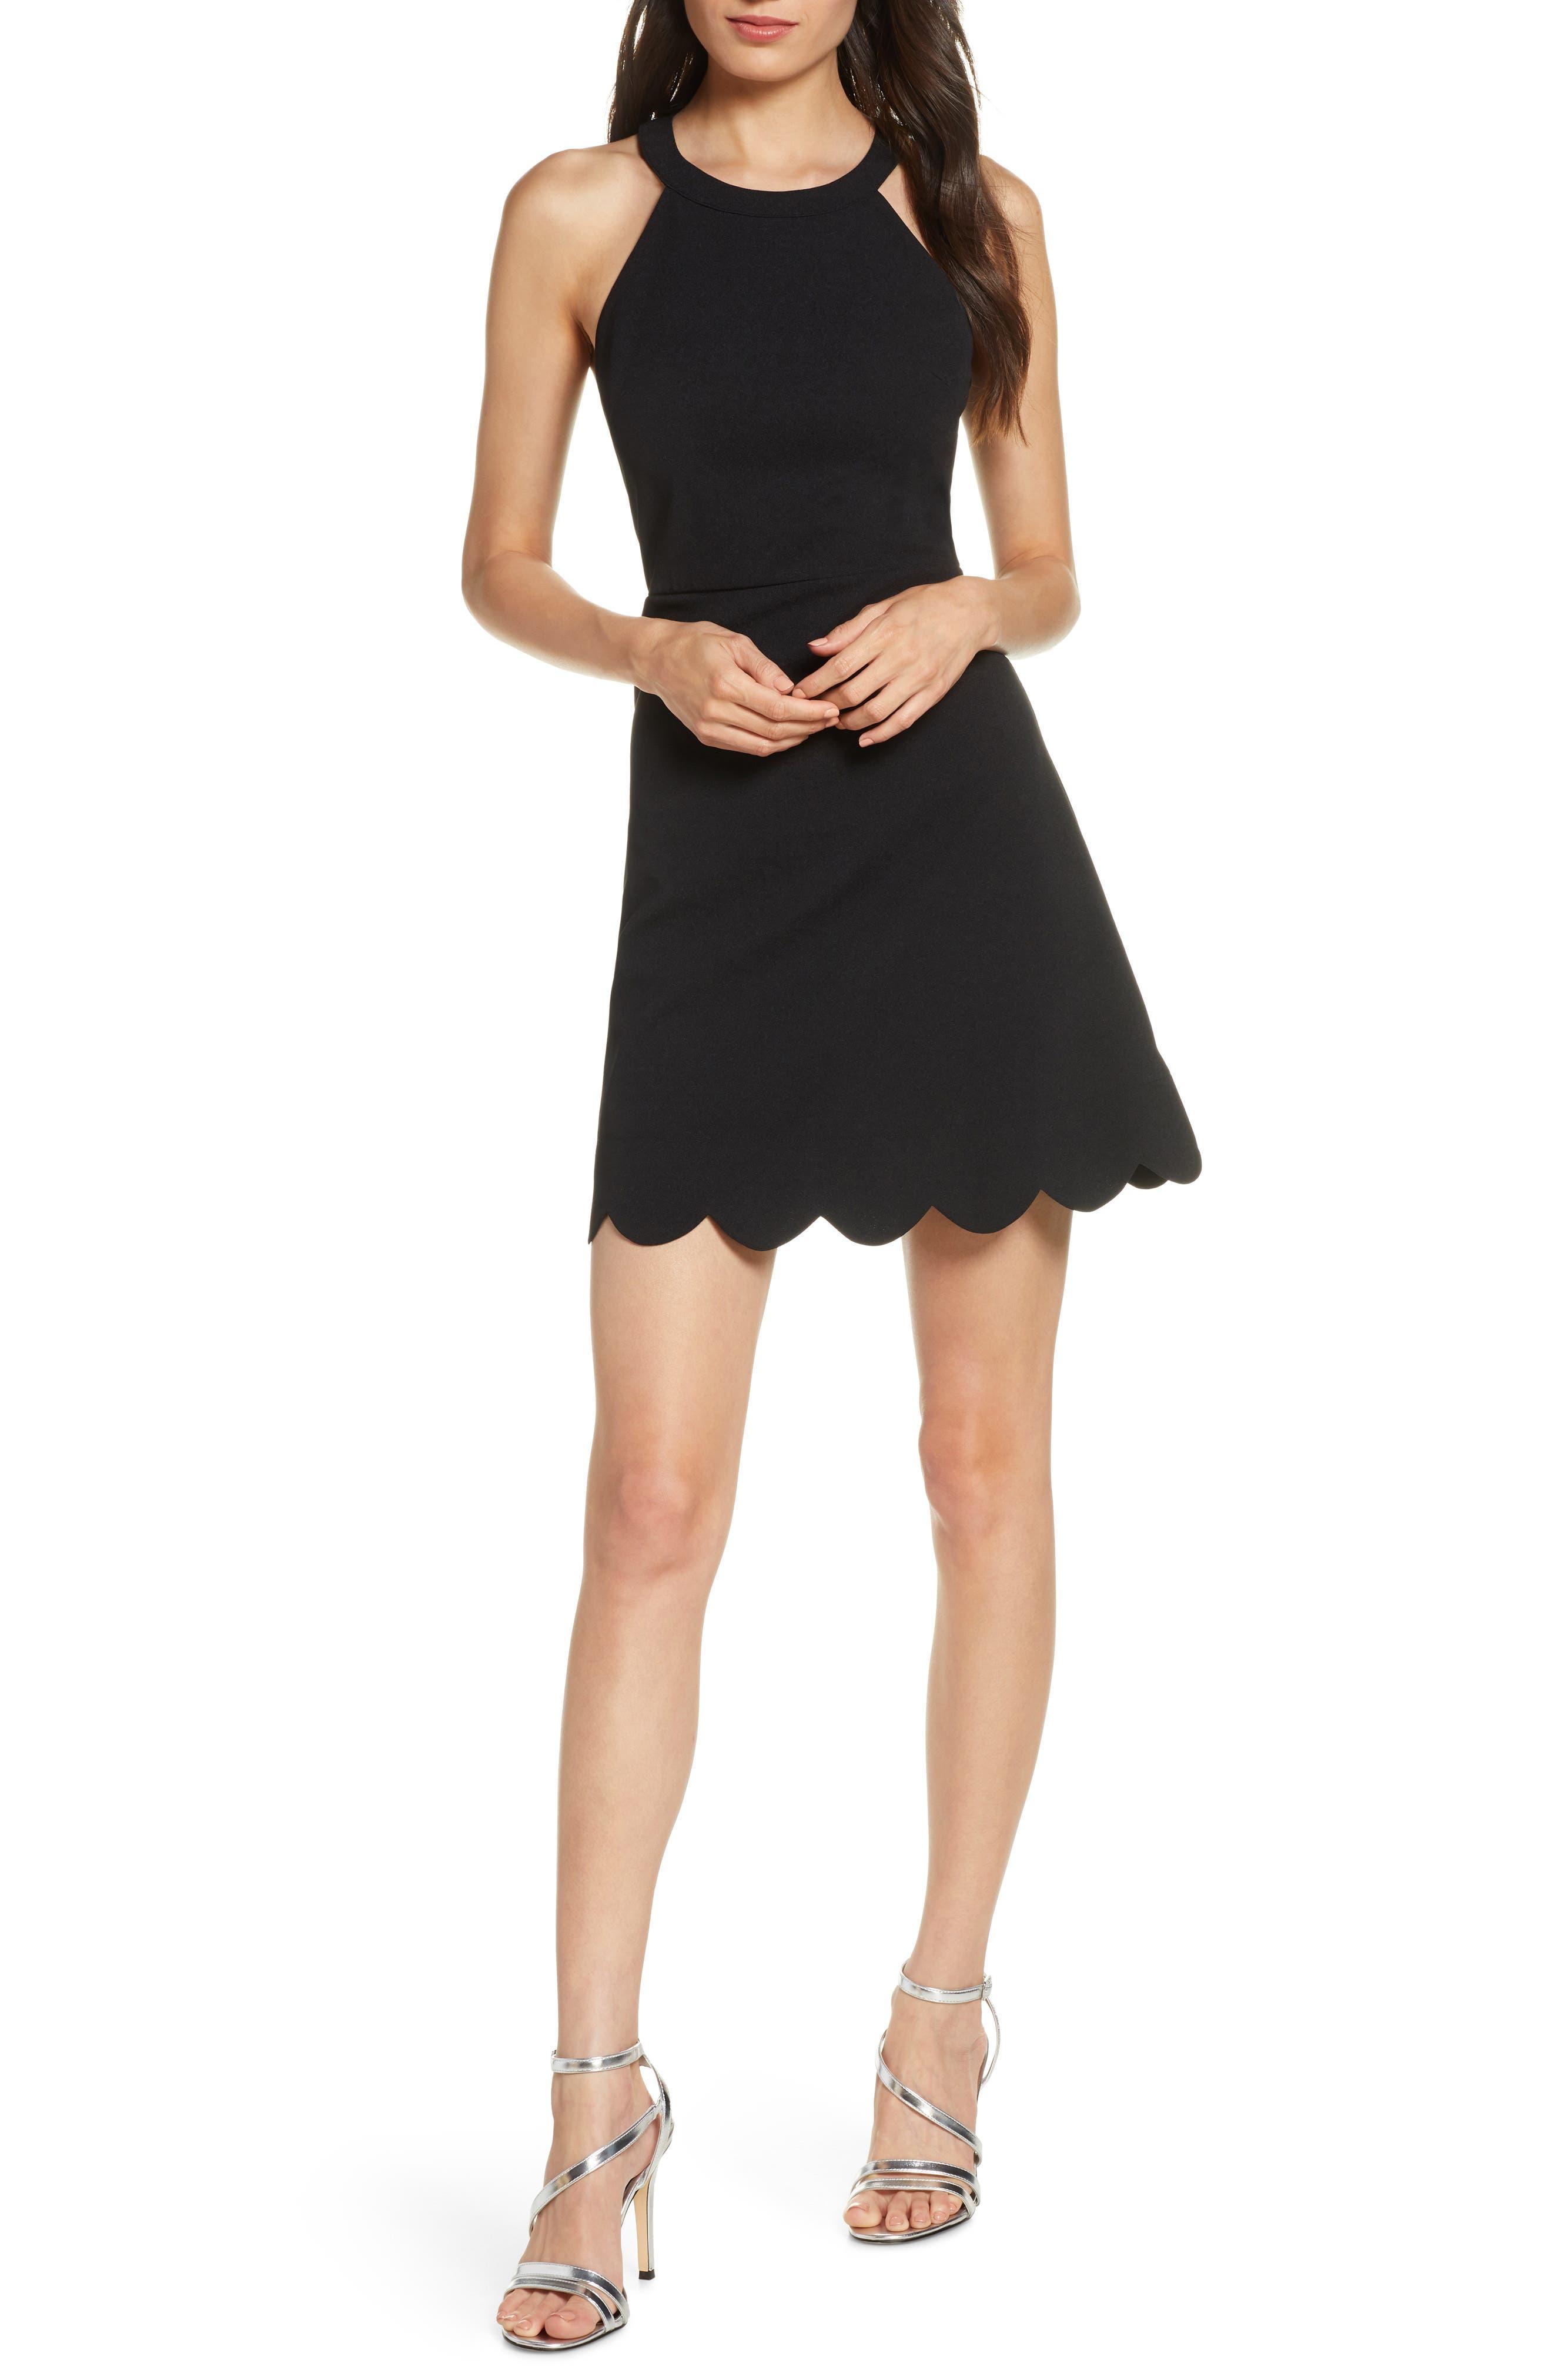 Lulus Mamacita Halter Minidress, Black